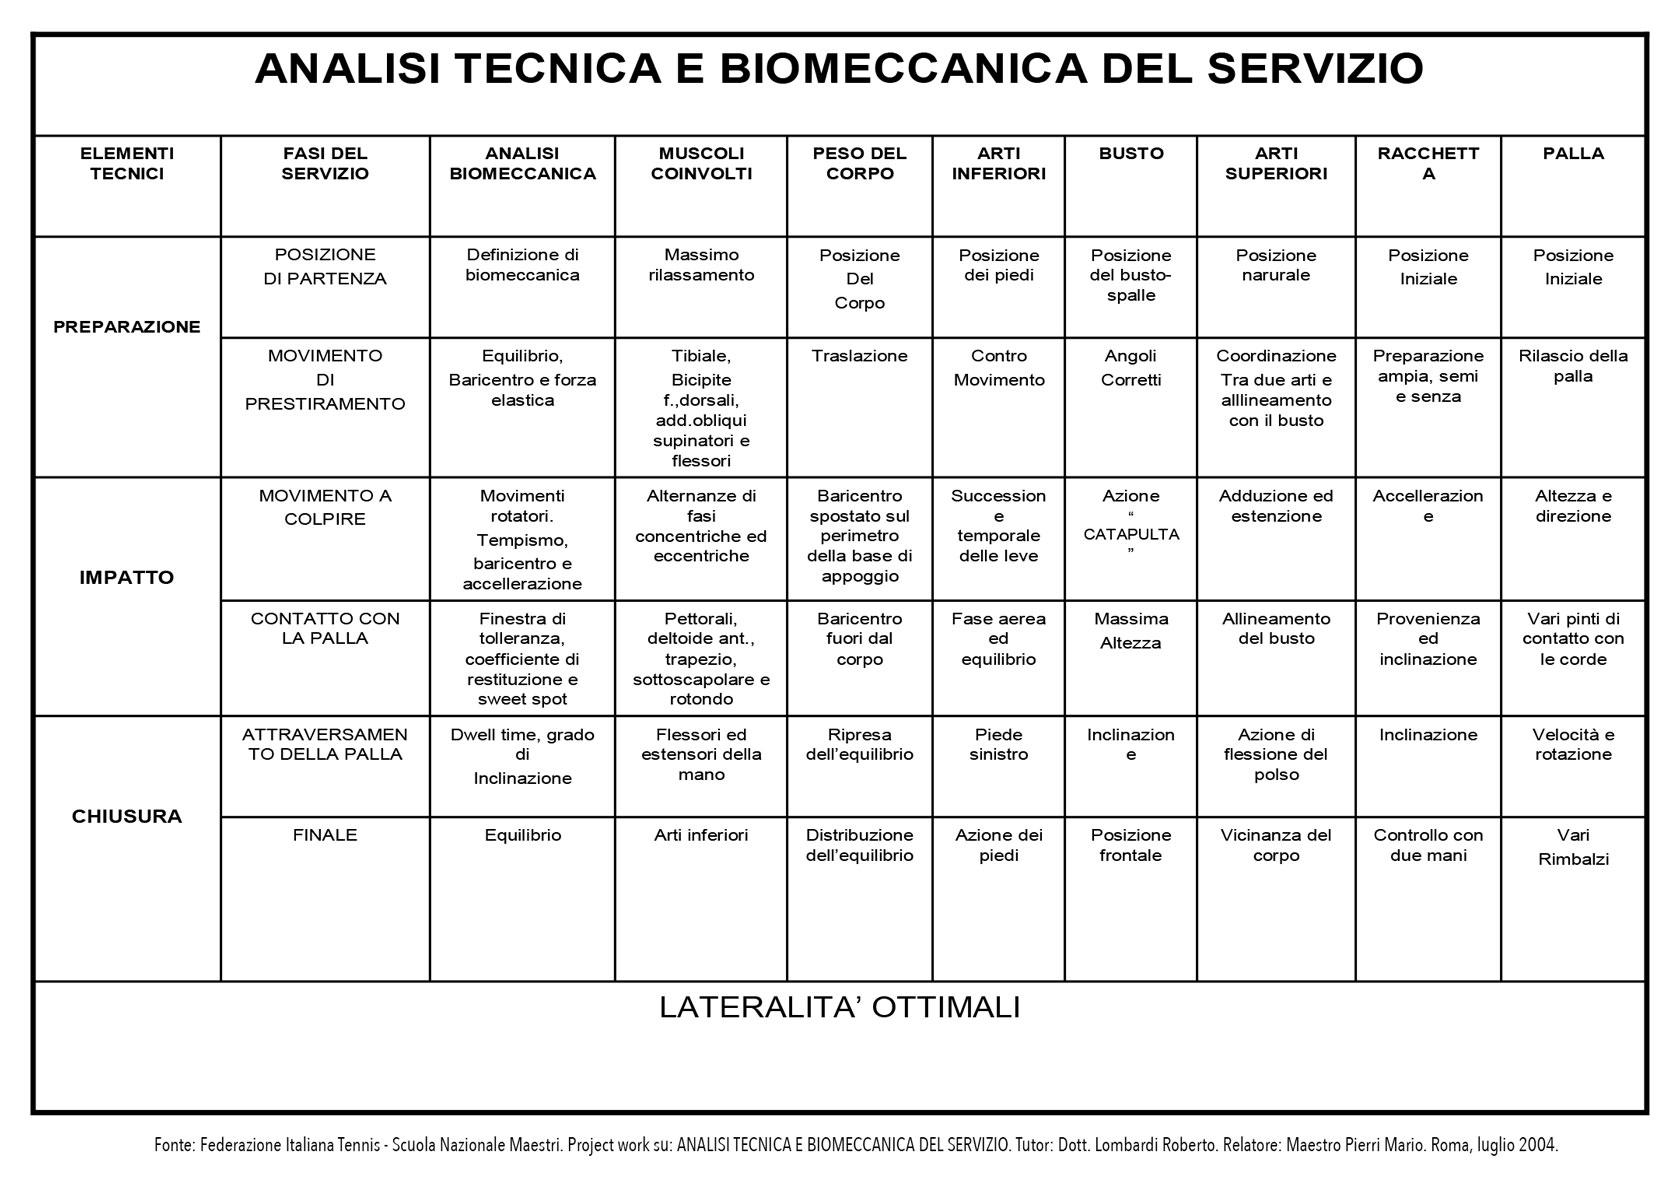 FIT-analisi-biomeccanica-del-servizio-tabella.jpg